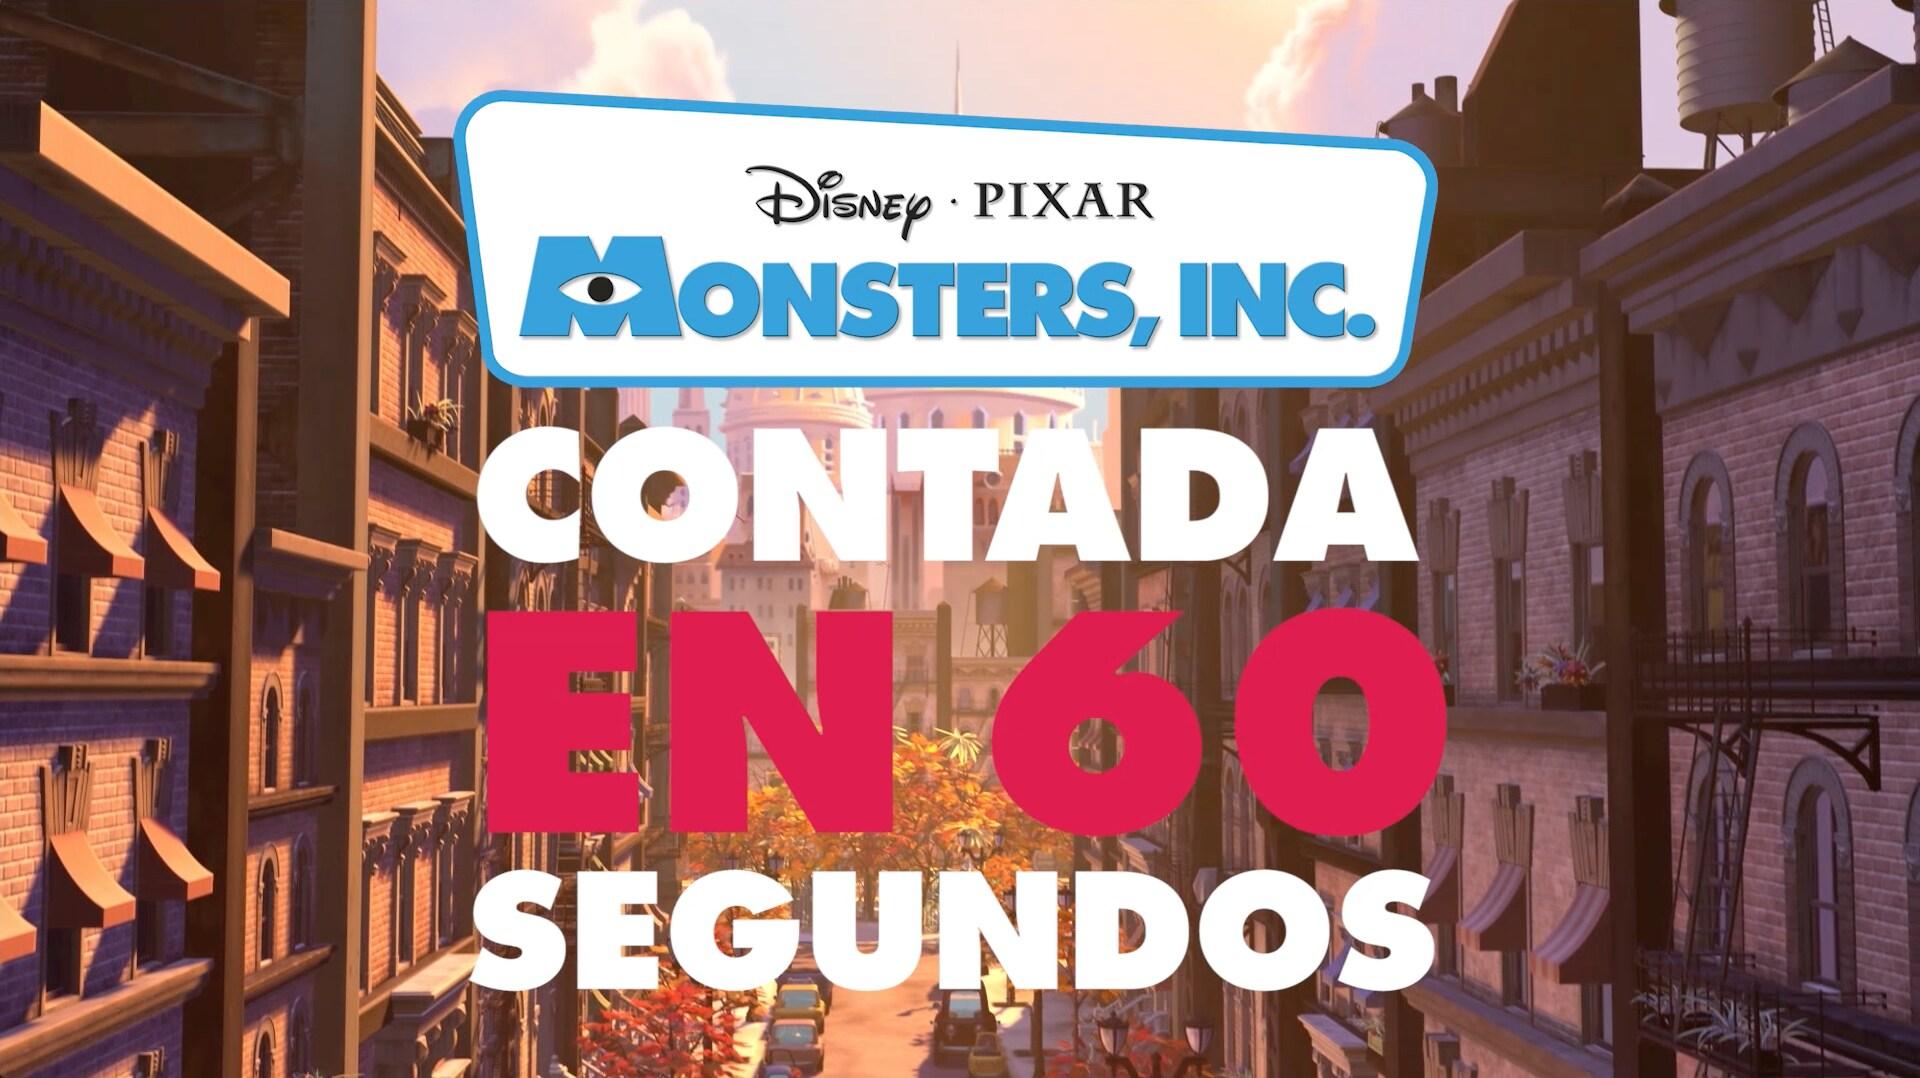 Monsters, Inc. contada en 60 segundos | Oh My Disney